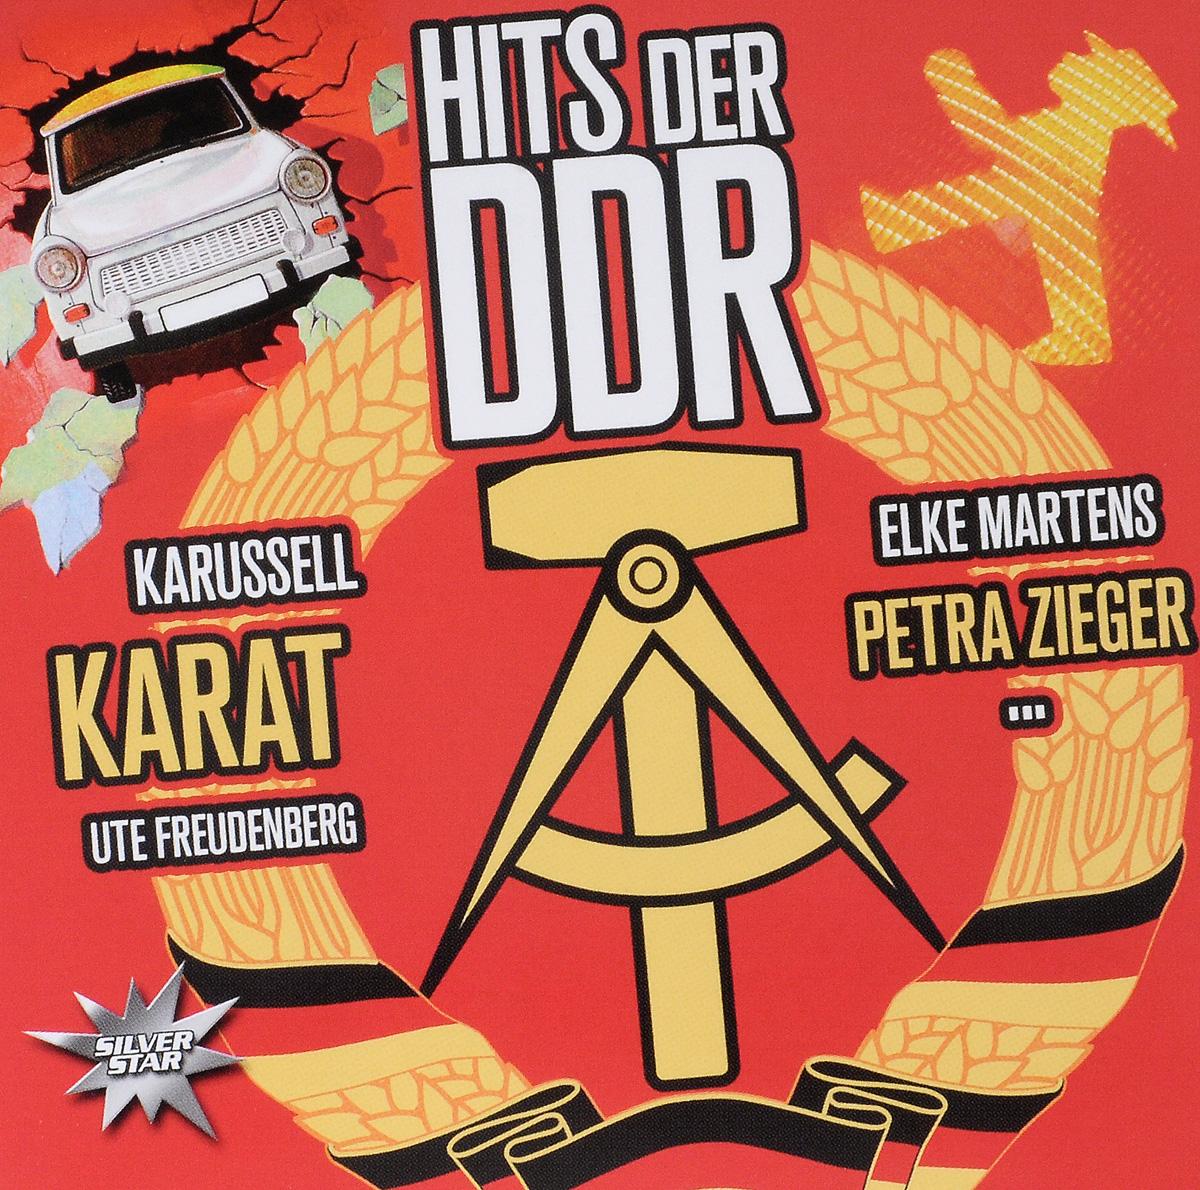 Hits Der DDR orden preise medaillen staatliche auszeichnungen der ddr